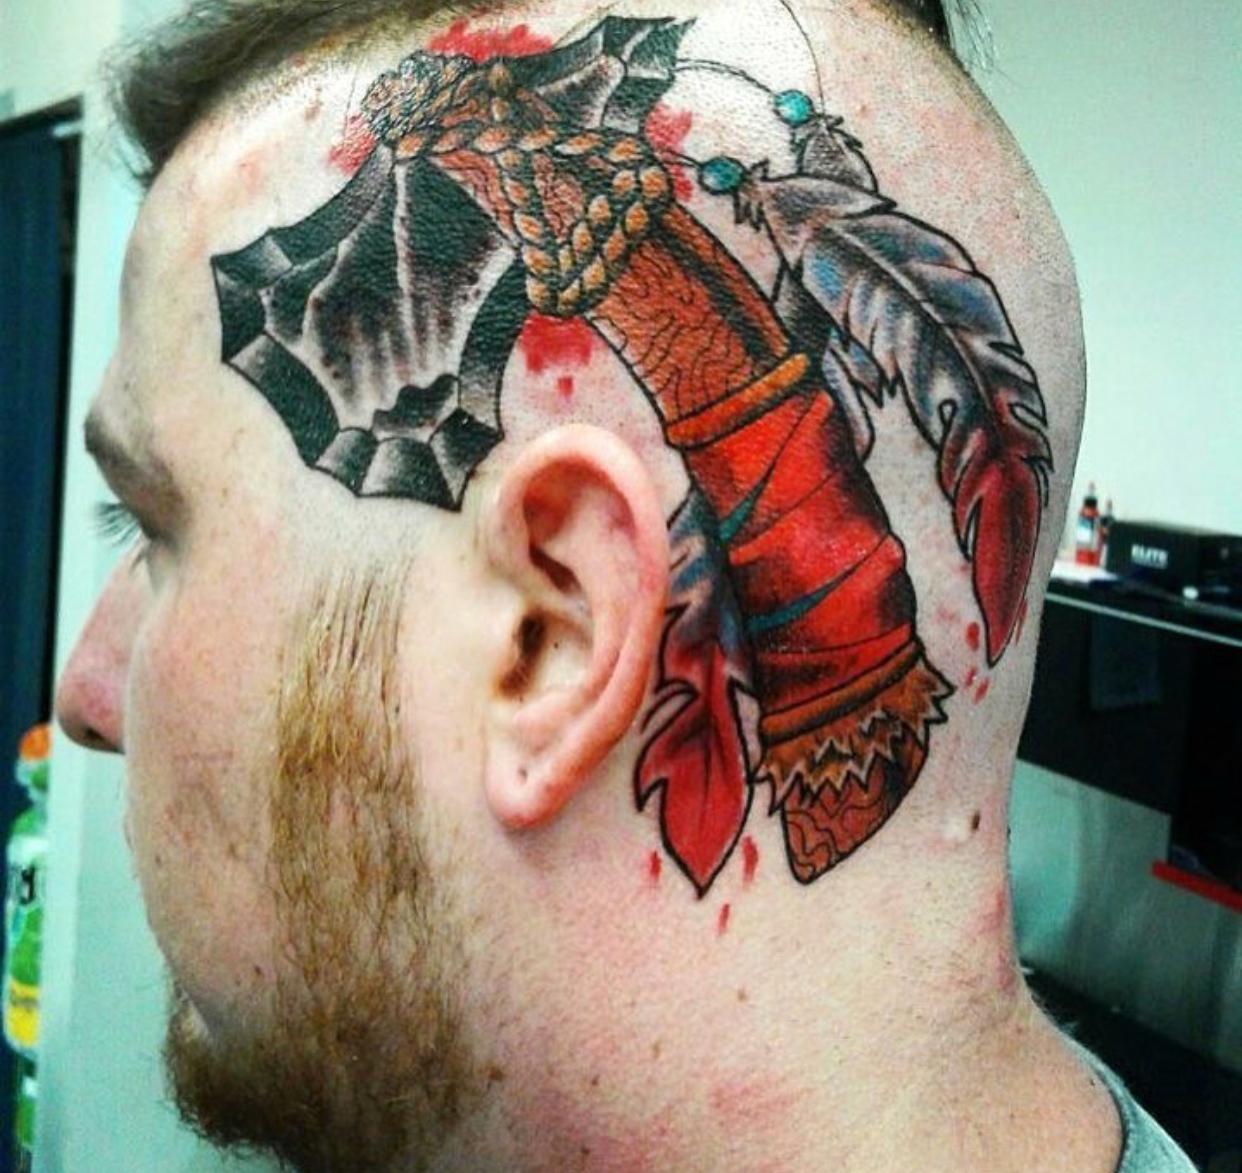 Nik at Savage Tattoo in Ogden, Utah